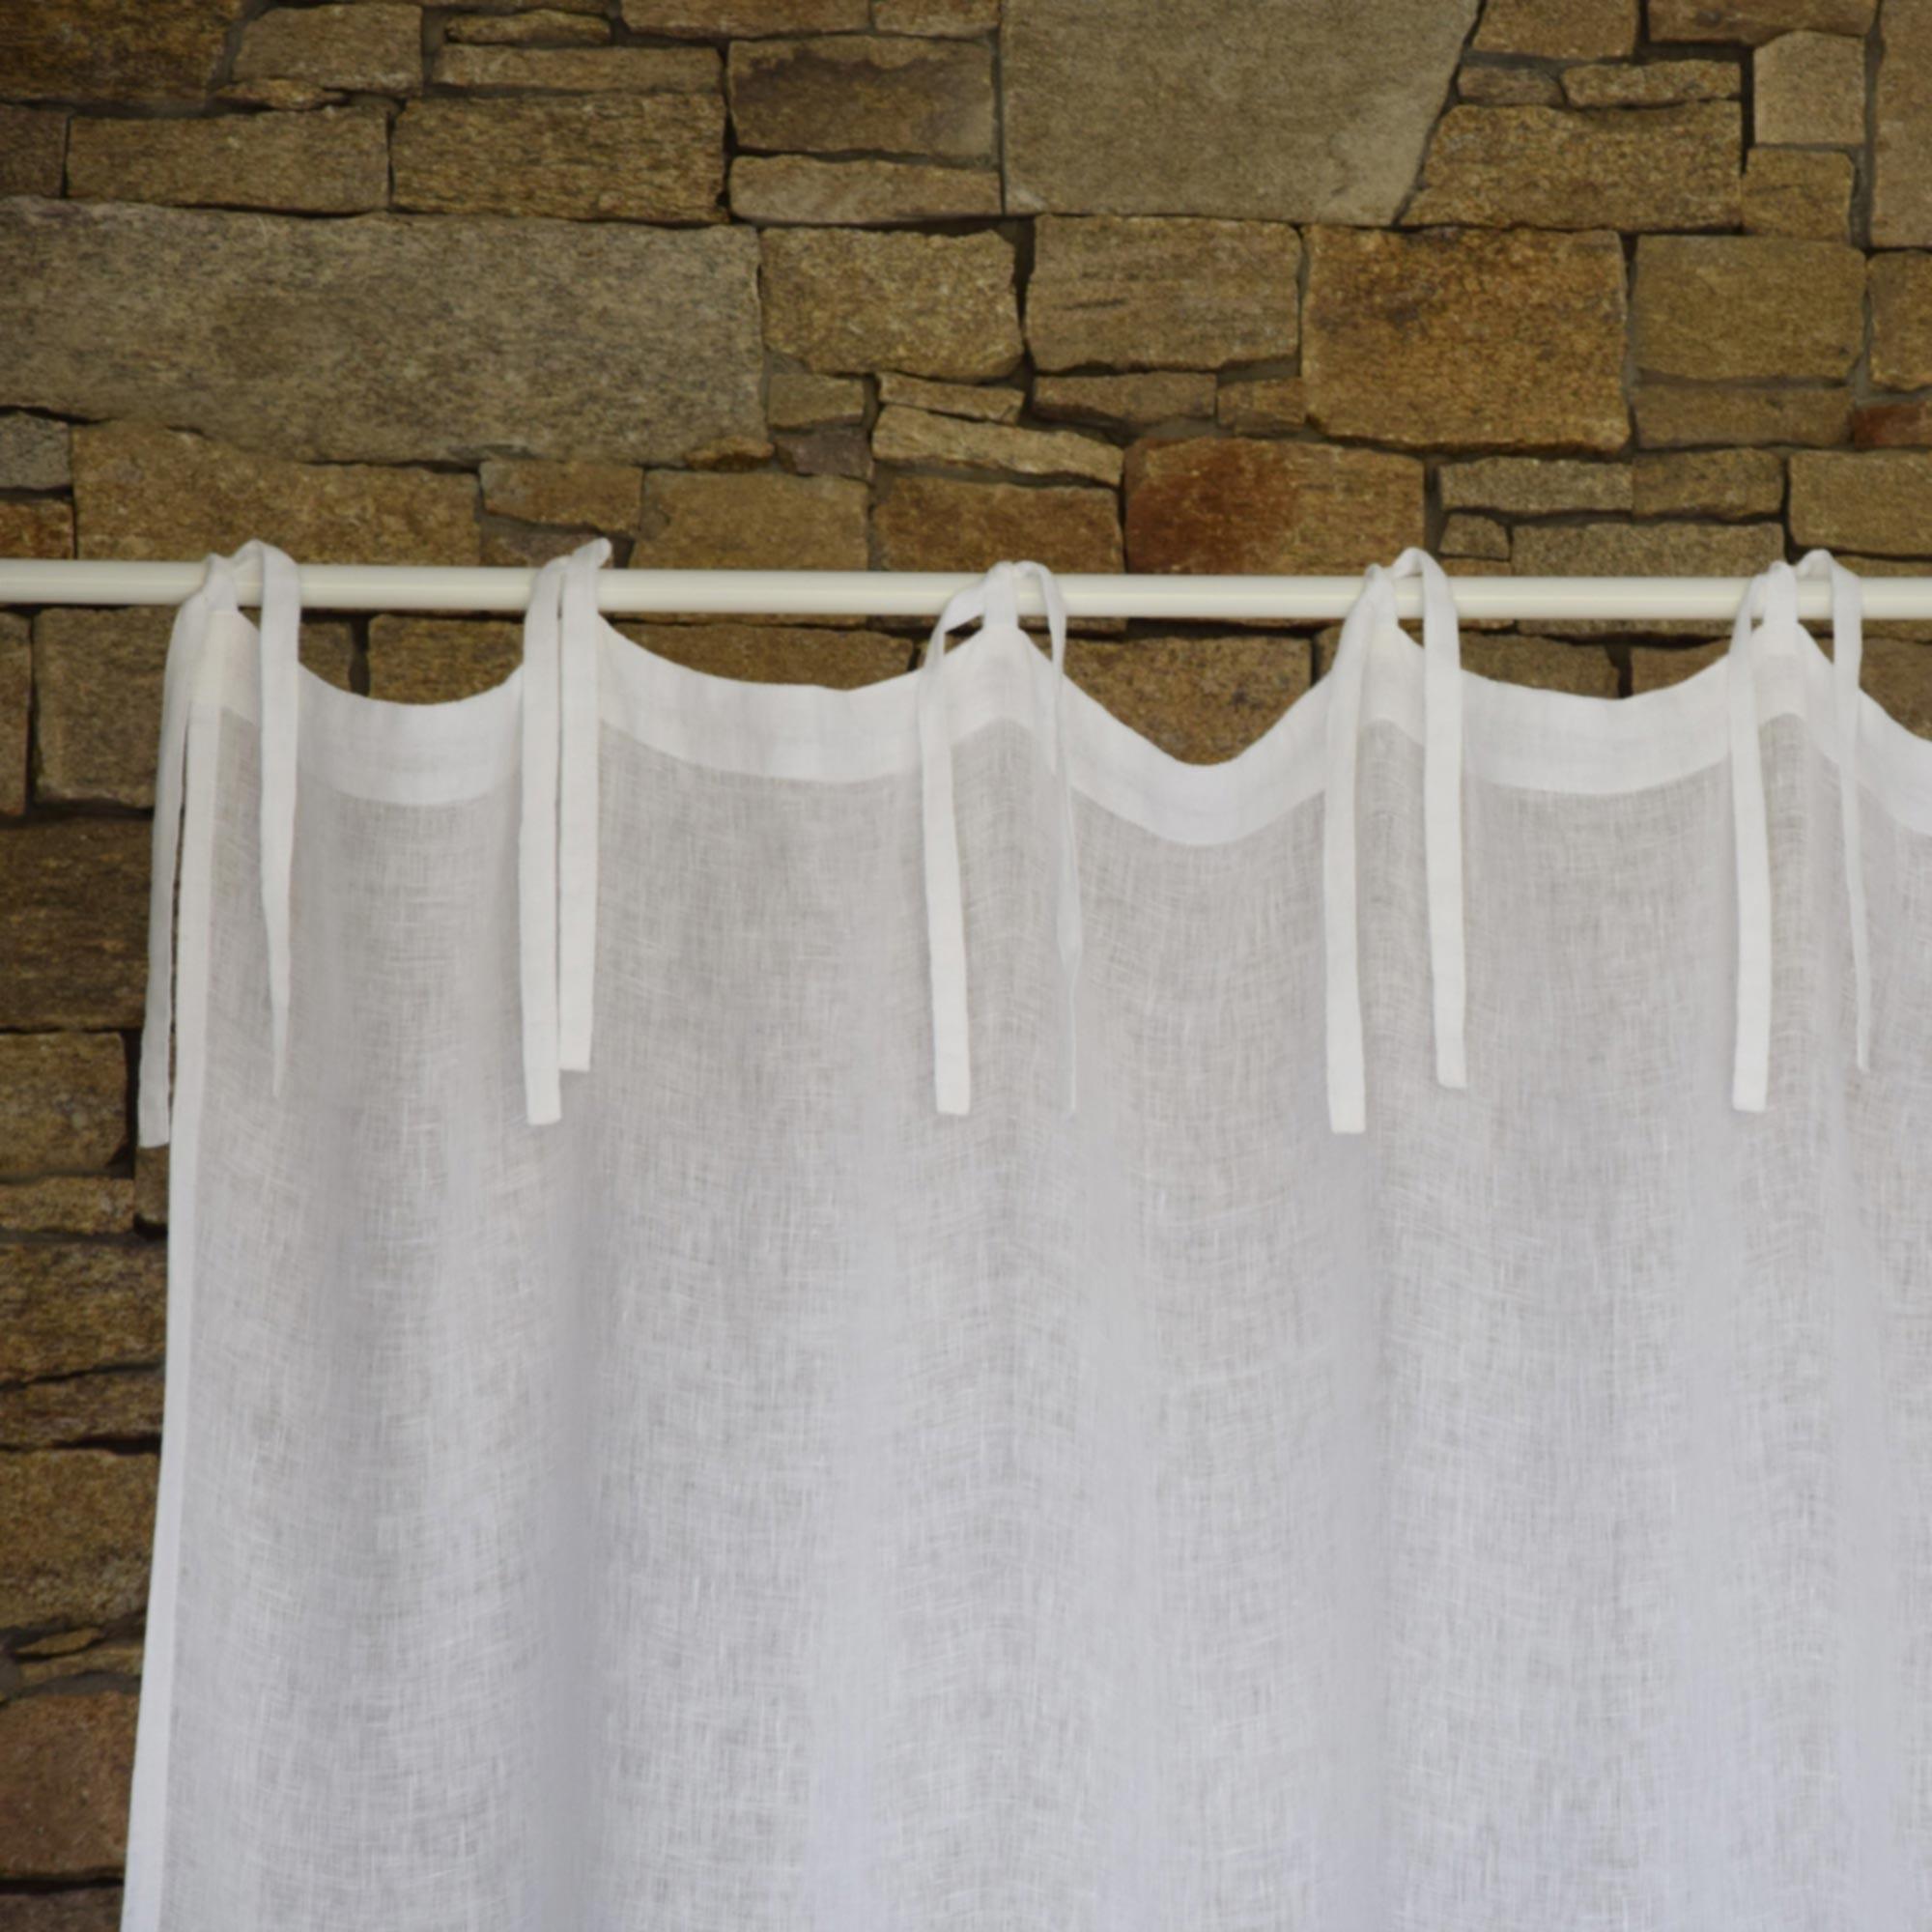 rideau gaze de lin blanc maison d 39 t. Black Bedroom Furniture Sets. Home Design Ideas